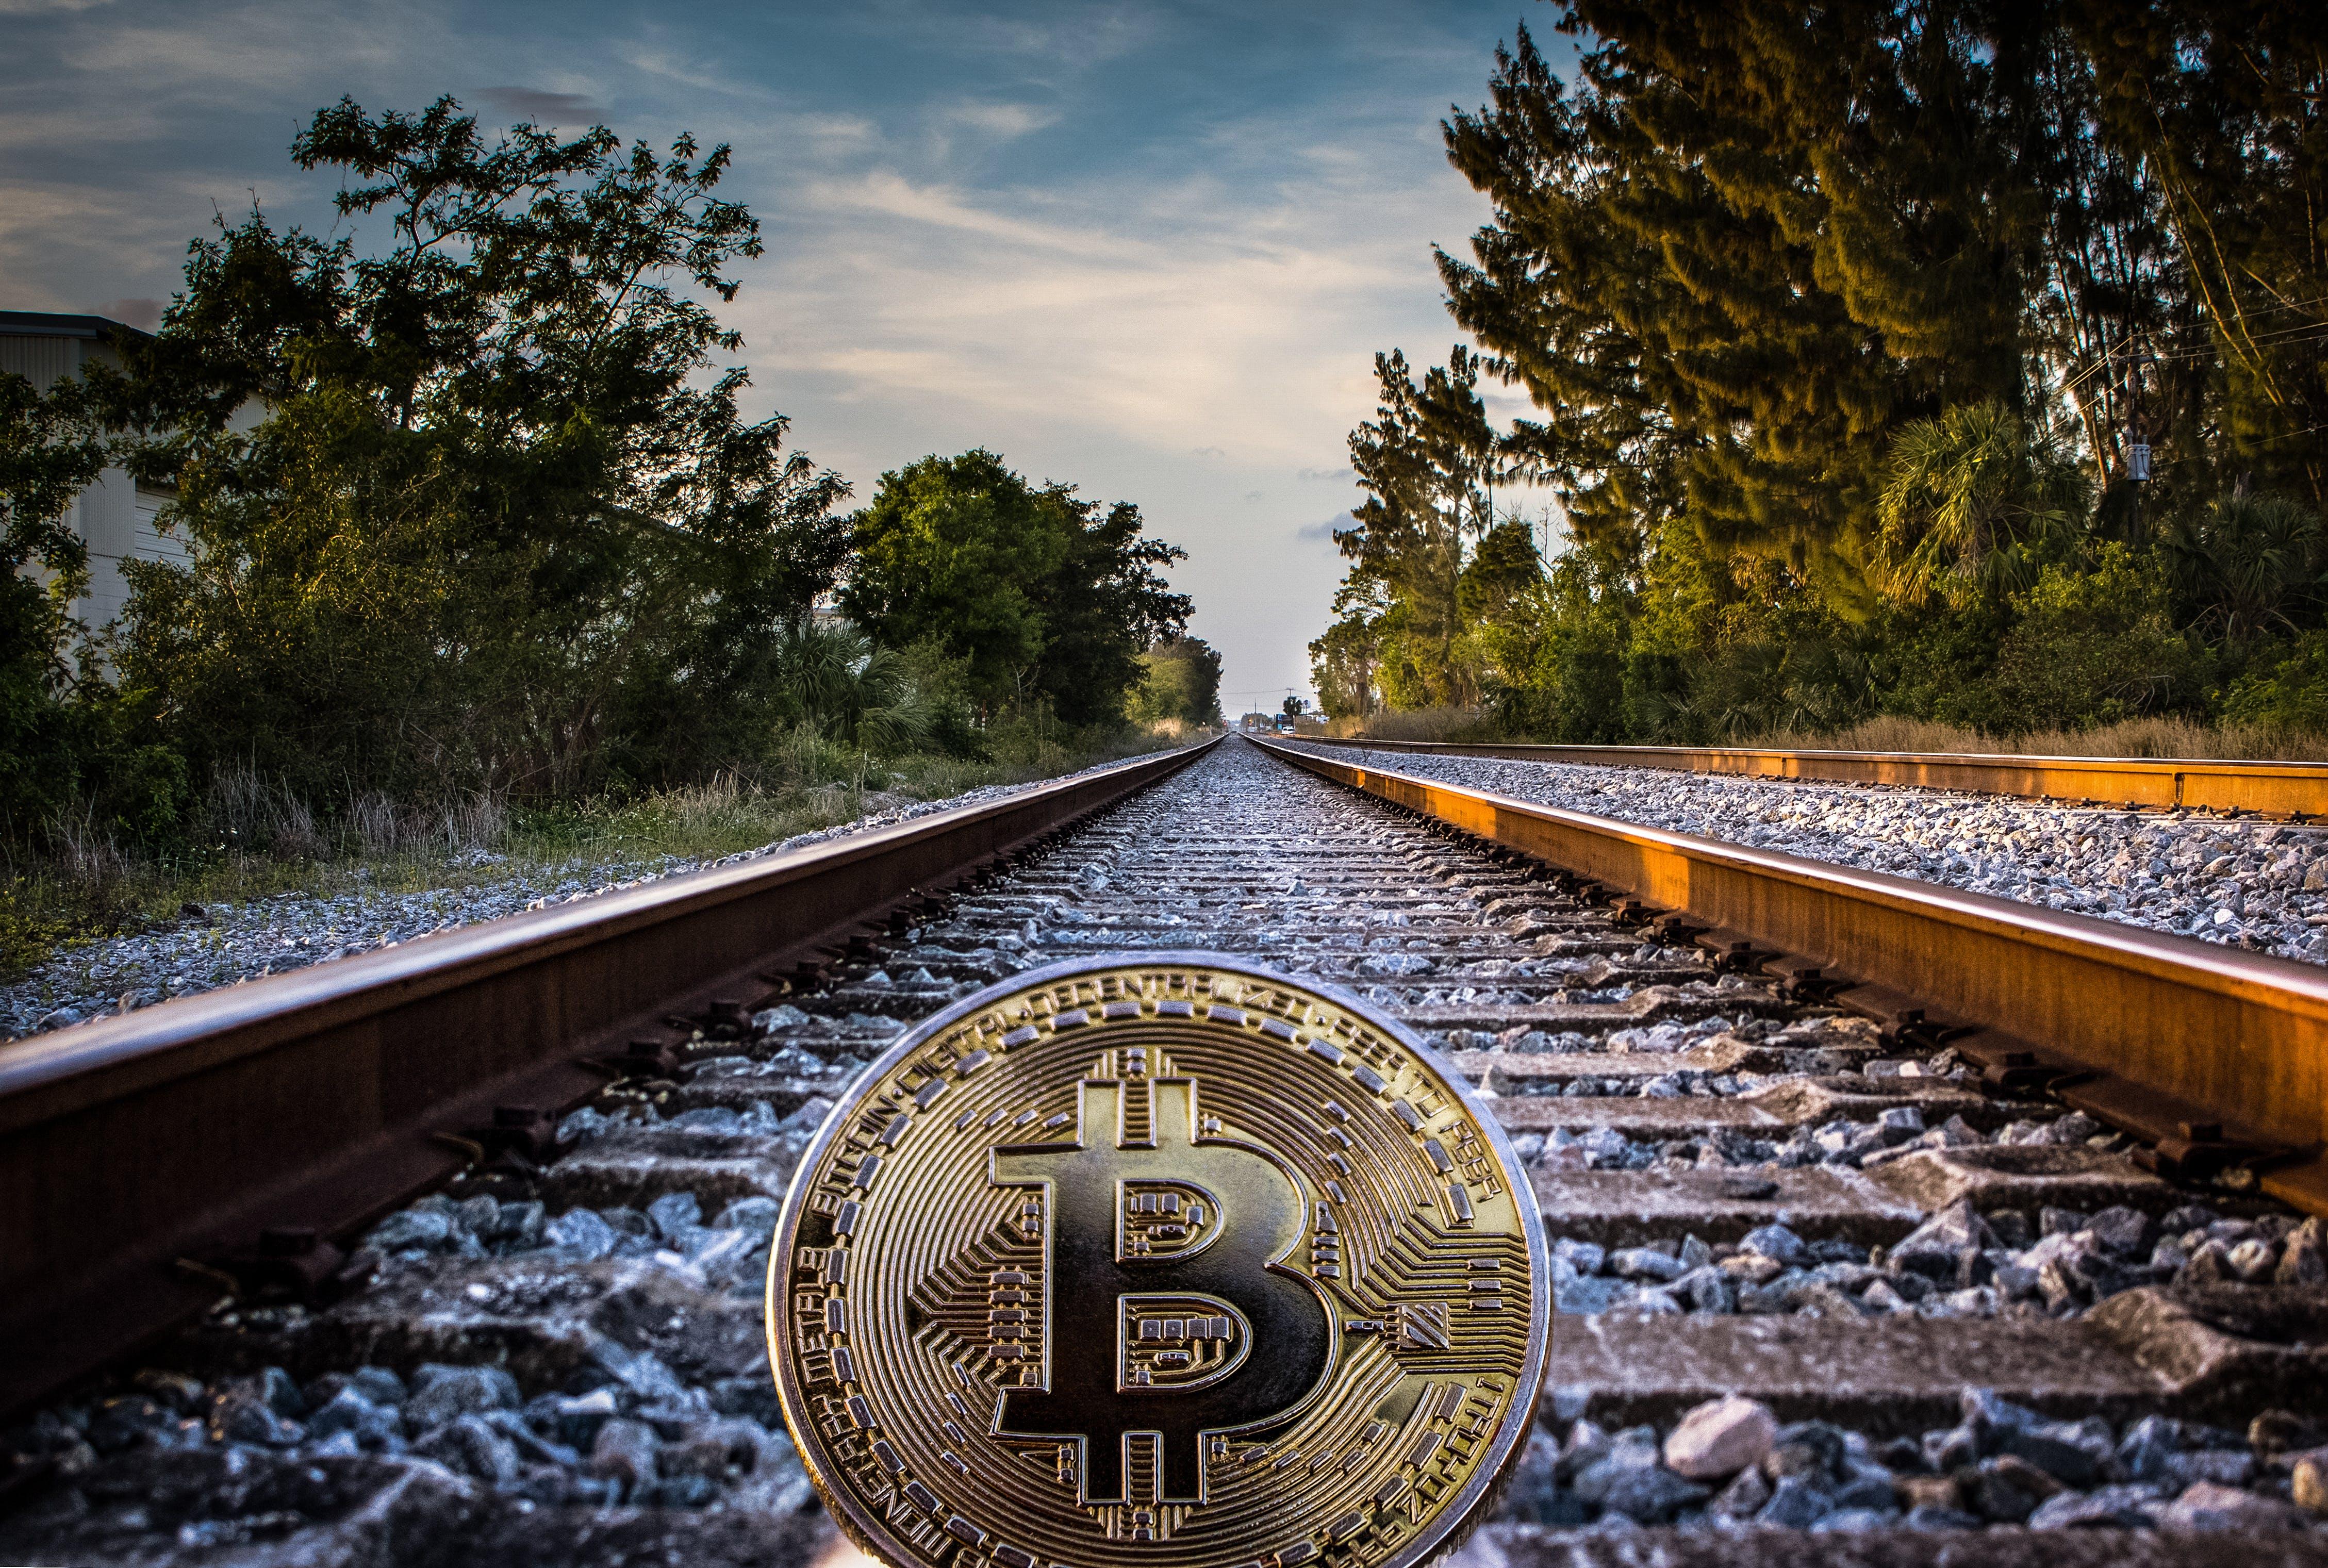 Ilmainen kuvapankkikuva tunnisteilla Bitcoin, jäljet, junanrata, kuva alakulmasta